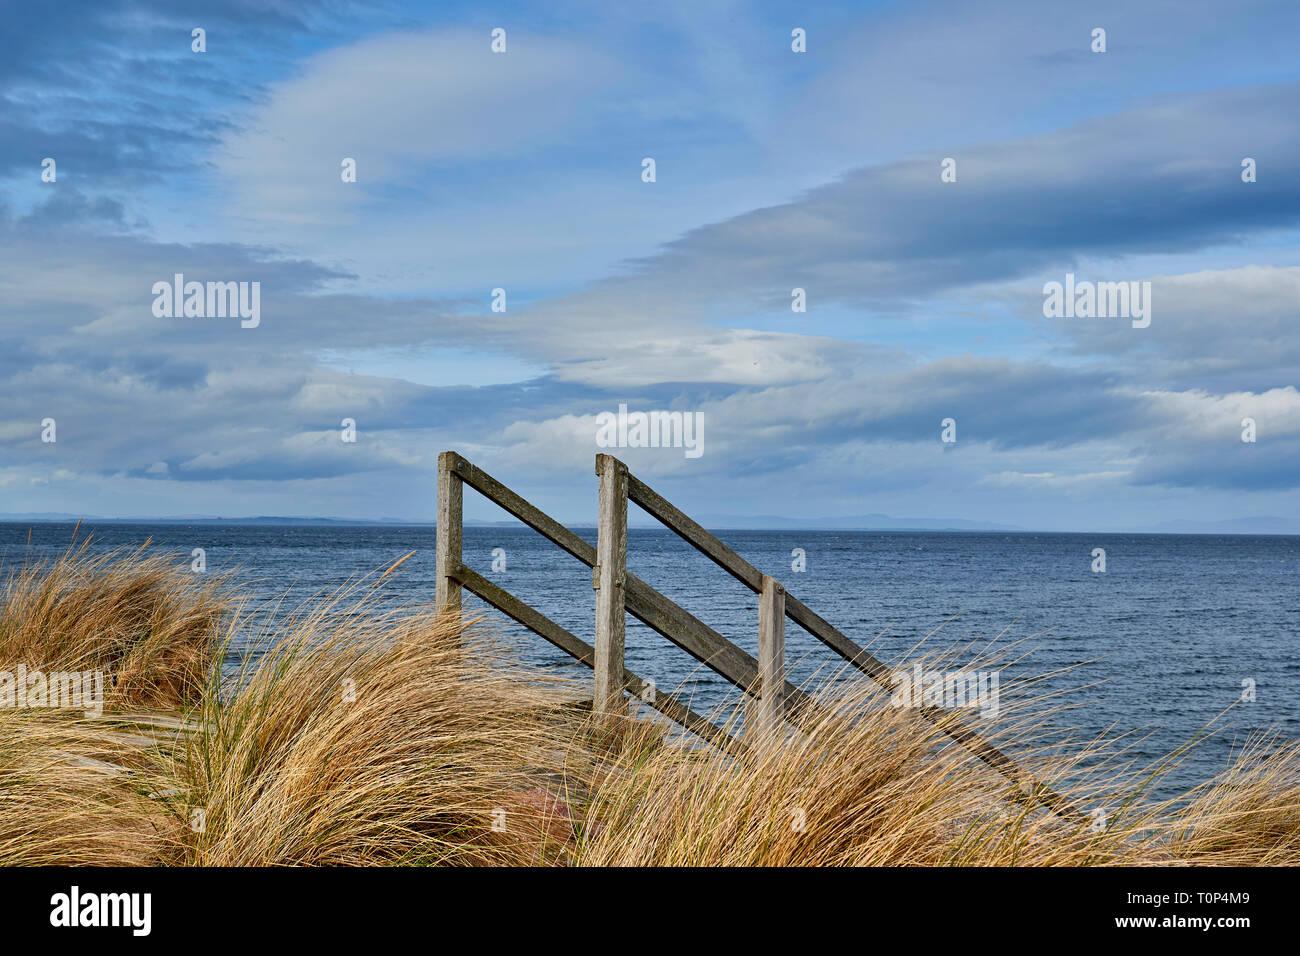 Playa de Findhorn Moray Firth Escocia pastos marinos y una escalera de madera que conduce al mar Foto de stock